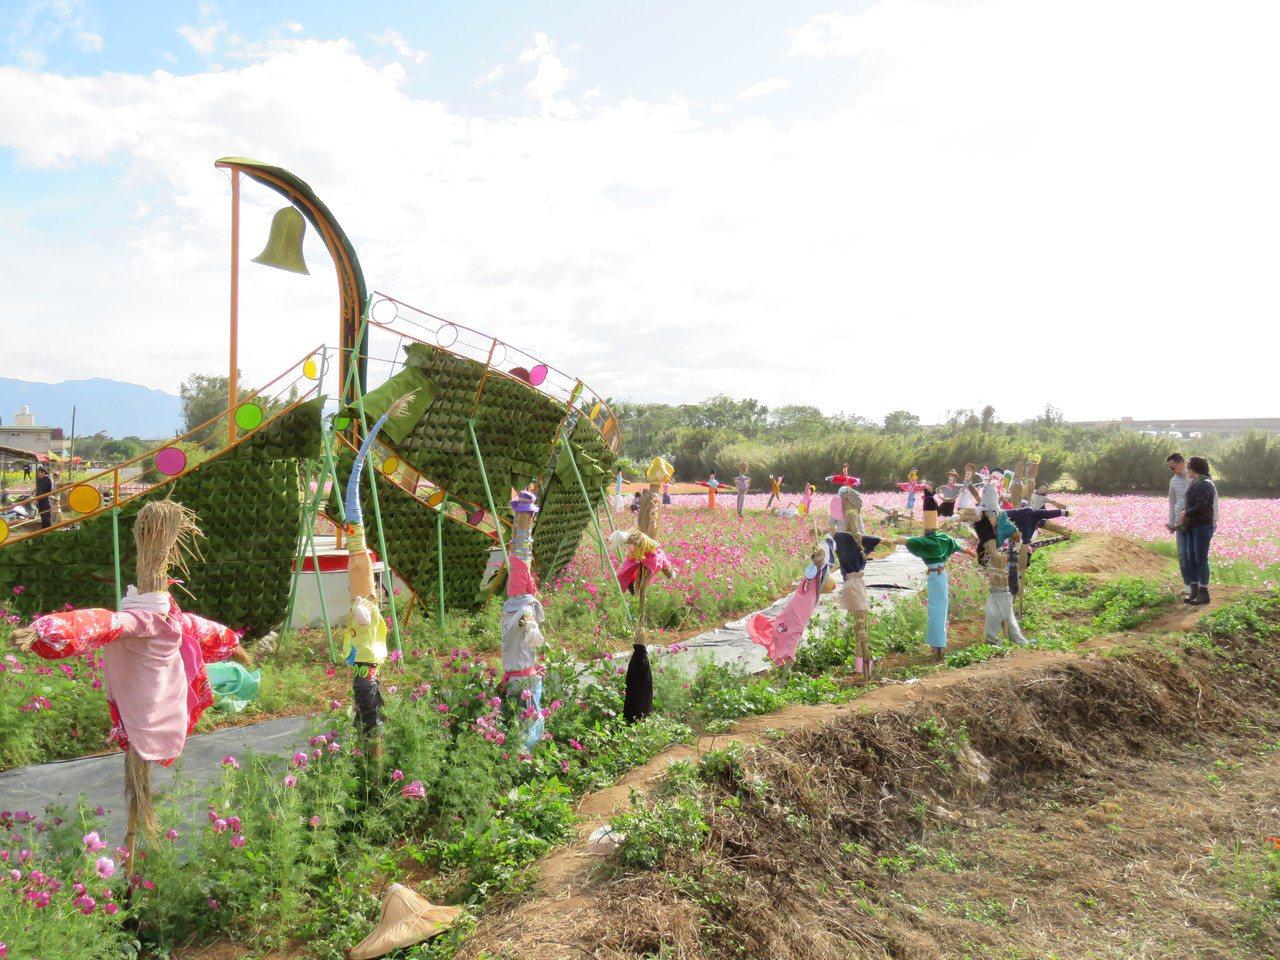 2019平鎮花彩節,23日起到12月1日舉行,已陸續有遊客提早前來賞花。記者張弘...